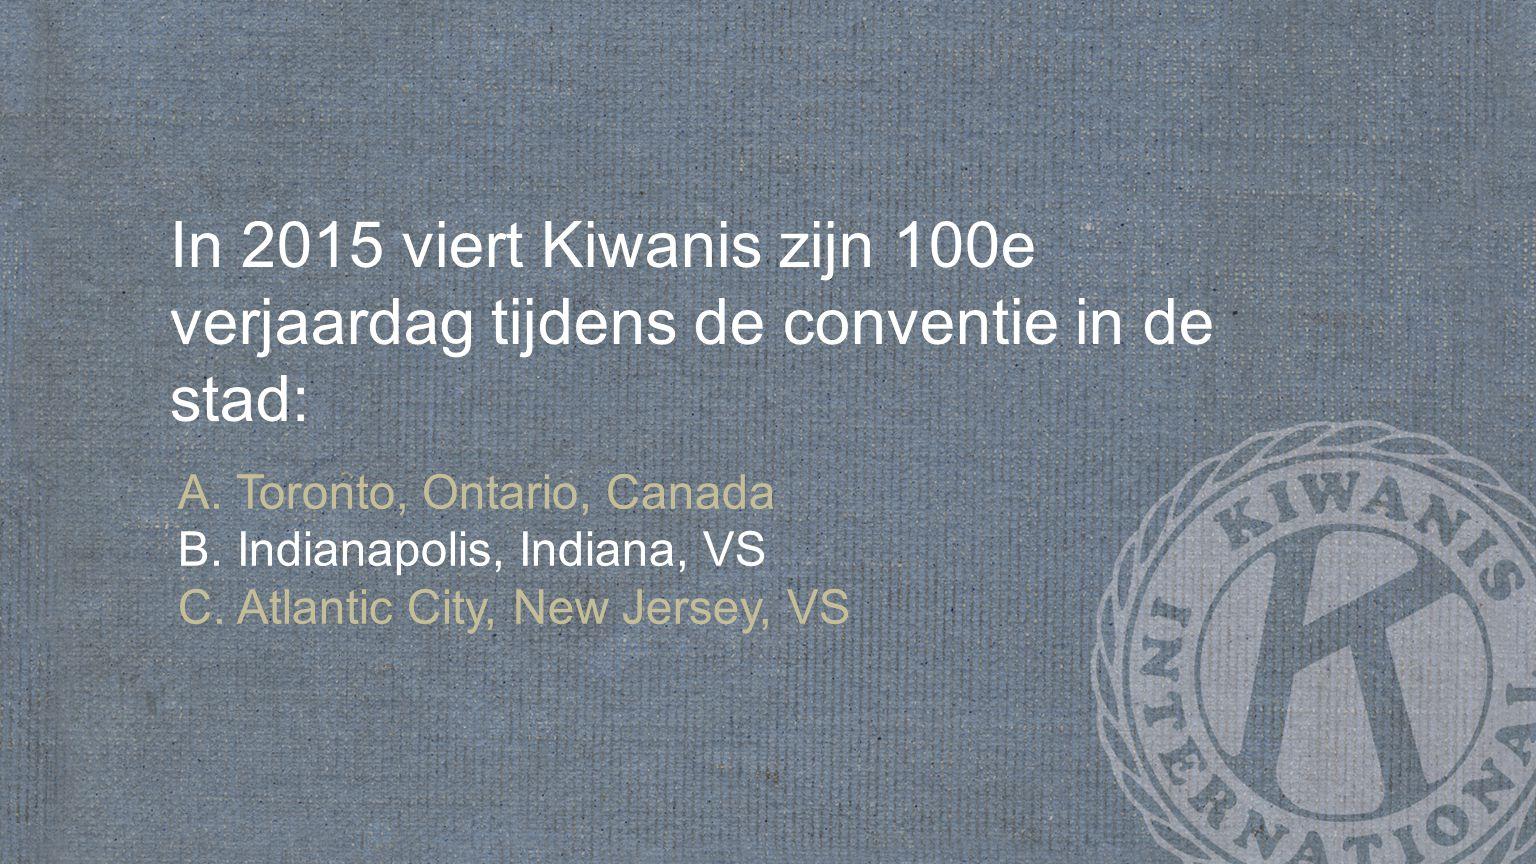 In 2015 viert Kiwanis zijn 100e verjaardag tijdens de conventie in de stad: A.